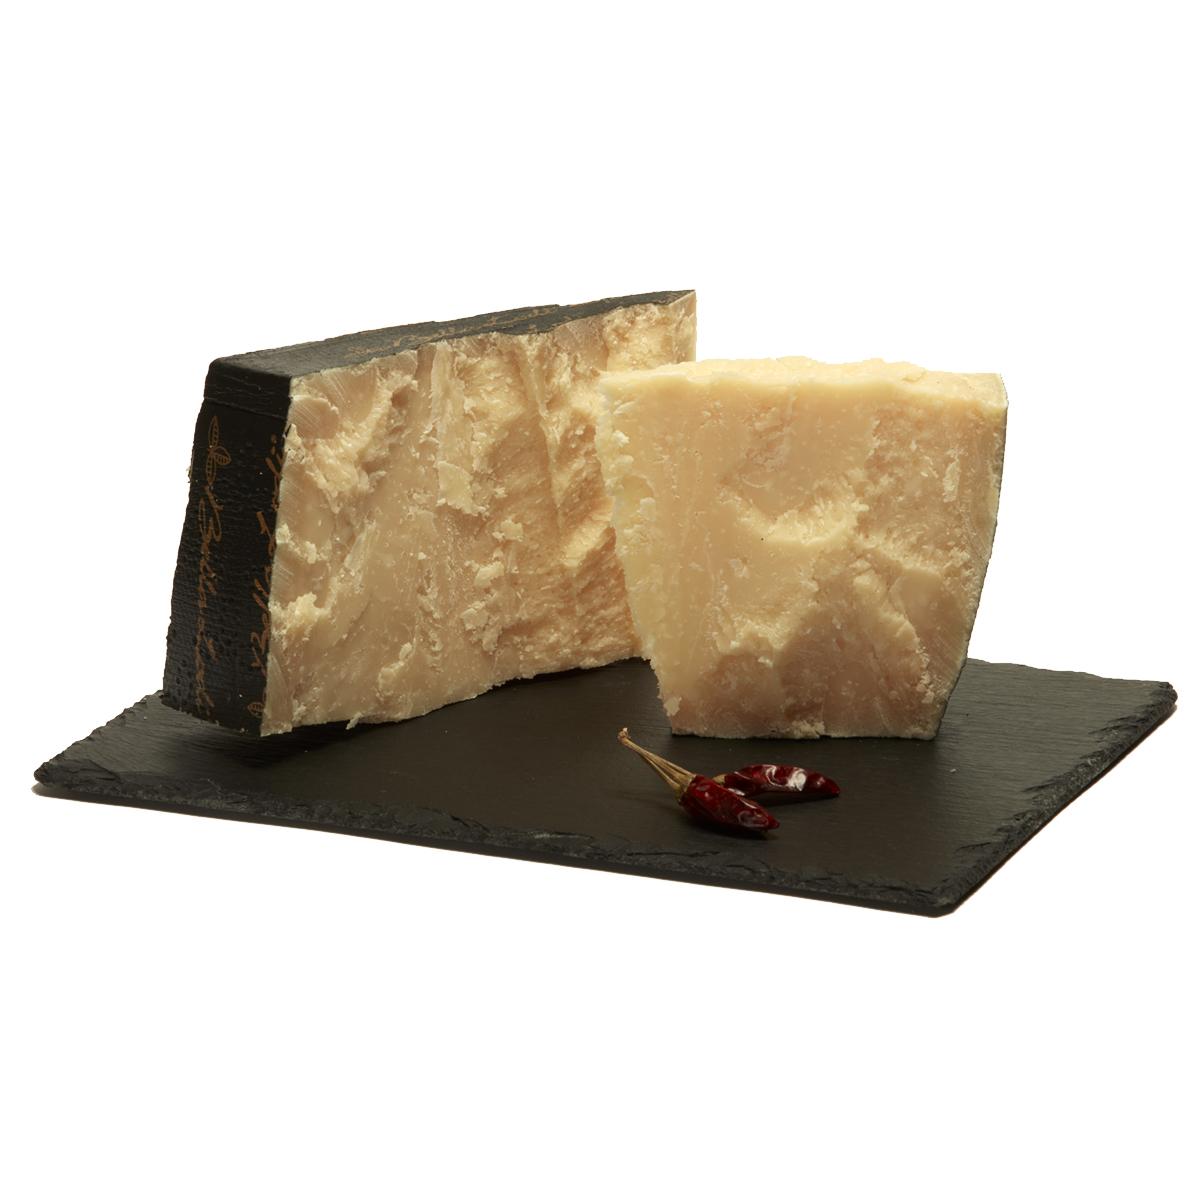 Bella Lodi formaggio senza lattosio vendita online